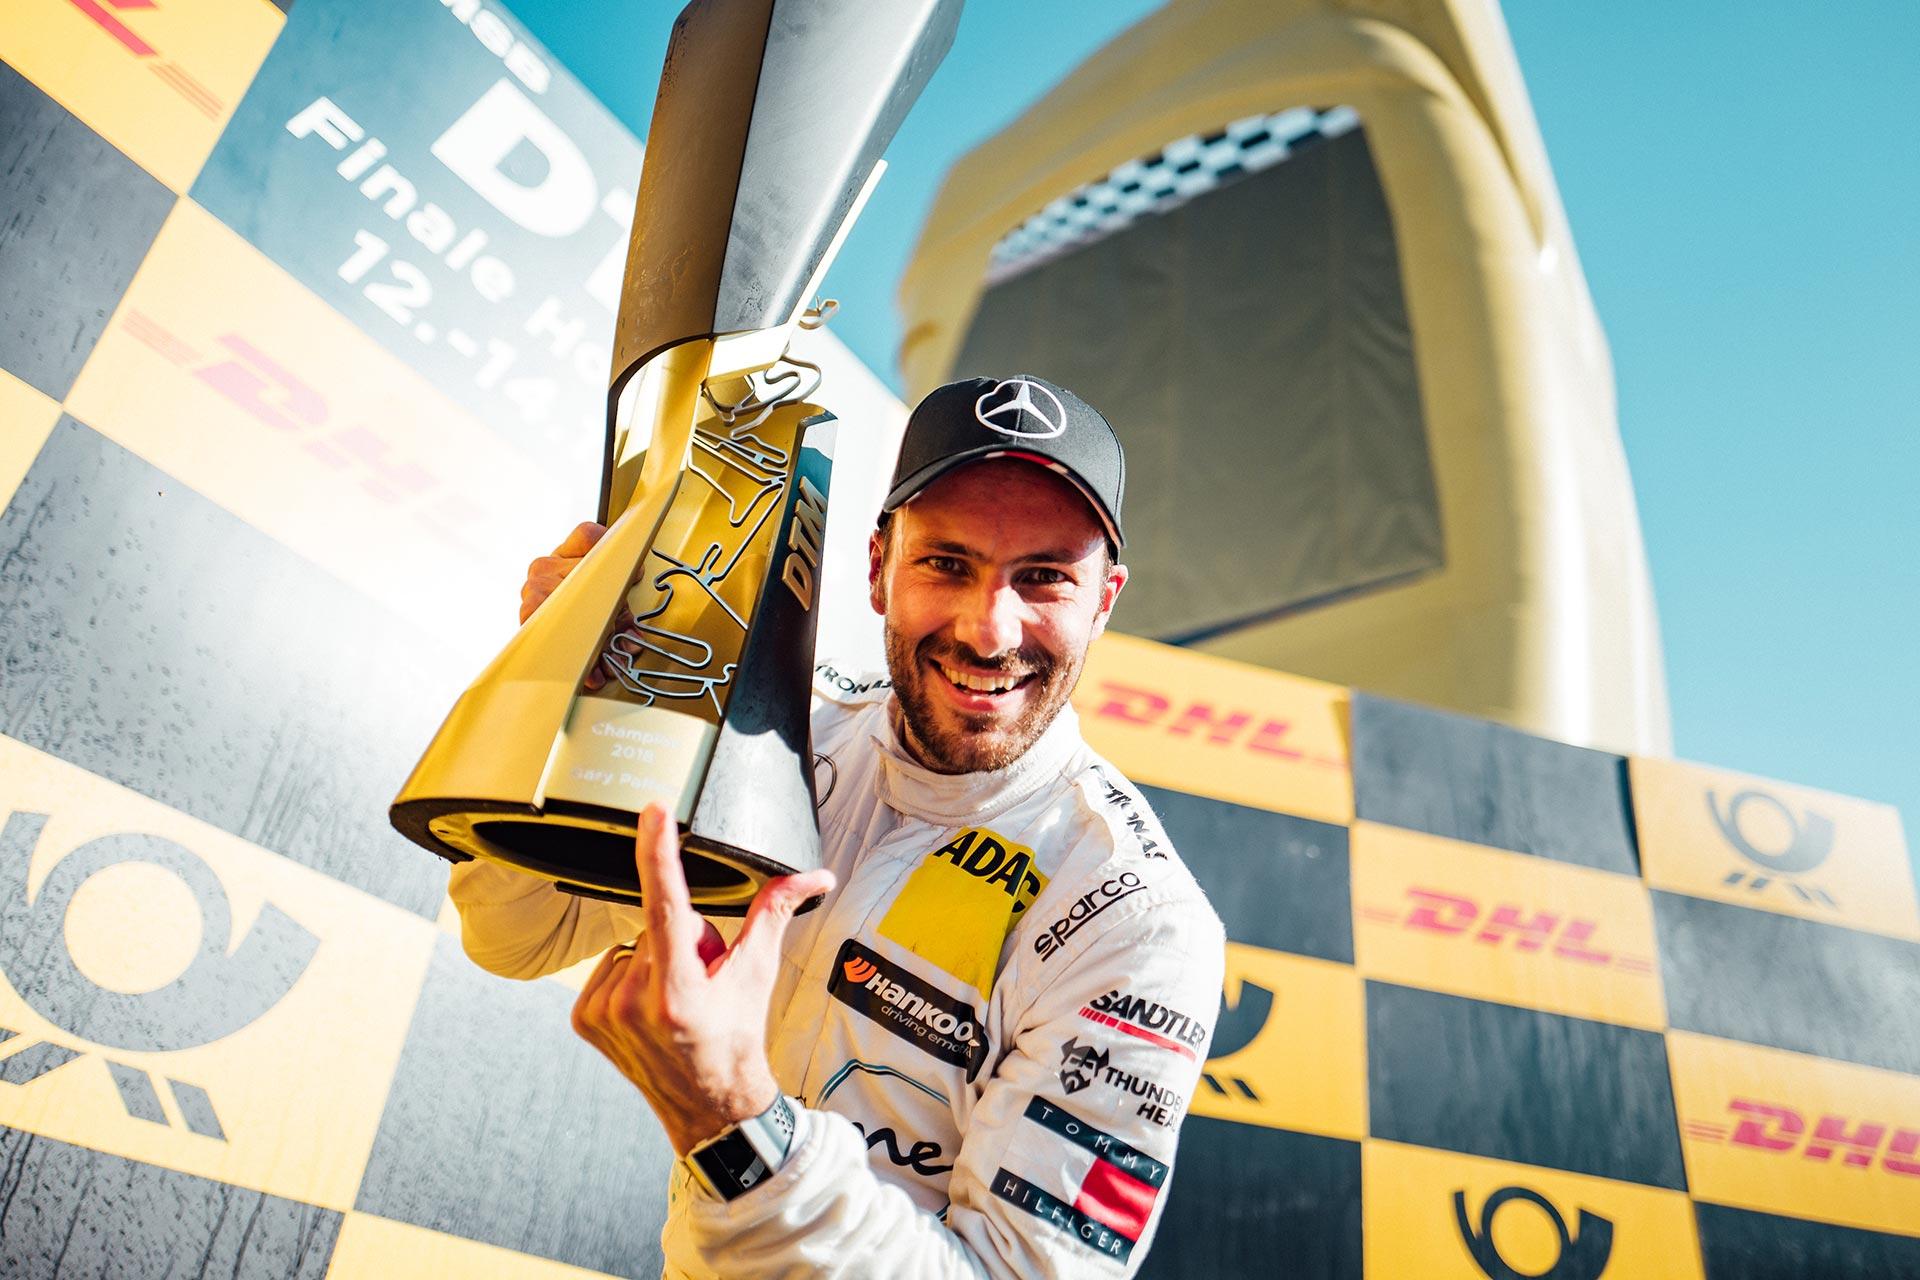 DTM-Finale auf dem Hockenheimring, 14. Oktober 2018. Gary Paffett auf Mercedes-AMG C 63 DTM (C 205) kommt auf Platz drei ins Ziel und sichert sich damit die DTM-Fahrermeisterschaft 2018. Die Teamwertung gewinnt Mercedes-AMG Motorsport PETRONAS (363 Punkte). Damit siegt die Stuttgarter Marke in allen drei Wertungen der DTM (Fahrer, Konstrukteur und Team). Es ist die letzte Saison von Mercedes-AMG in der DTM nach 30 Jahren erfolgreichen Engagements.